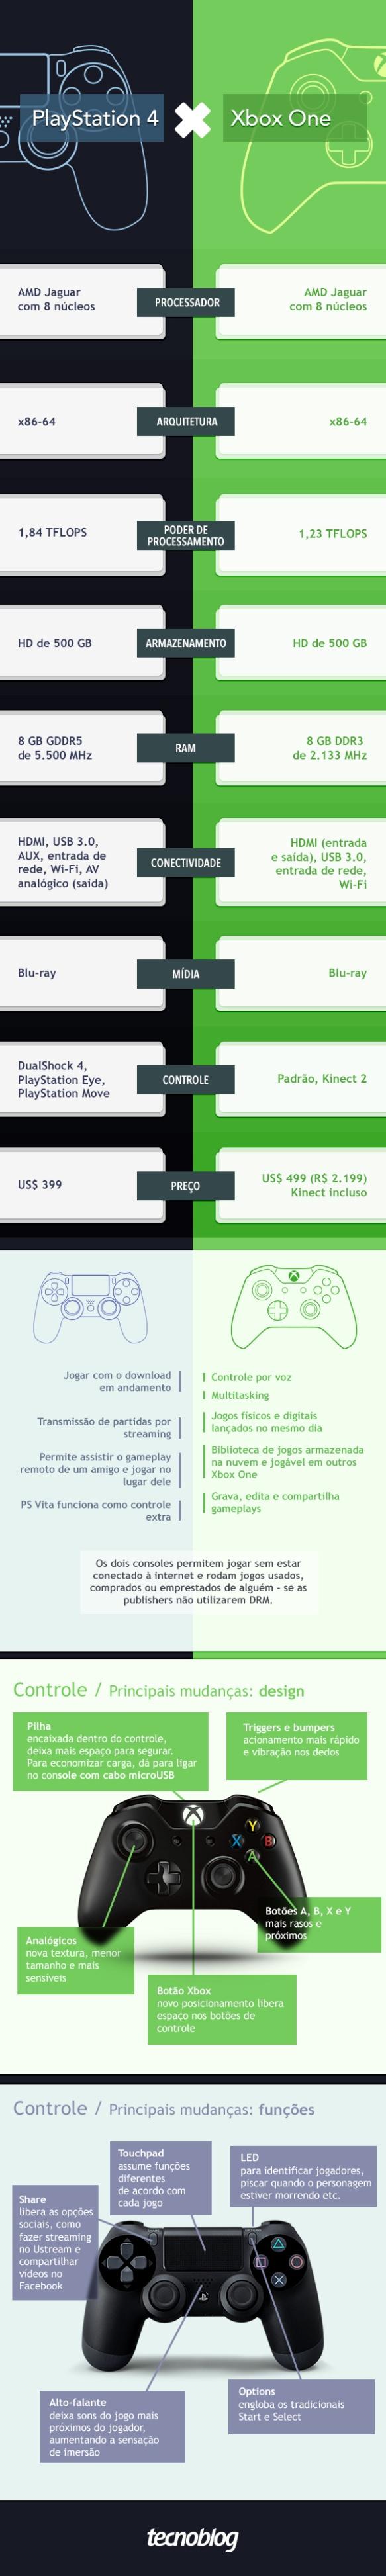 2013-06-20-tb-info-consoles_r8